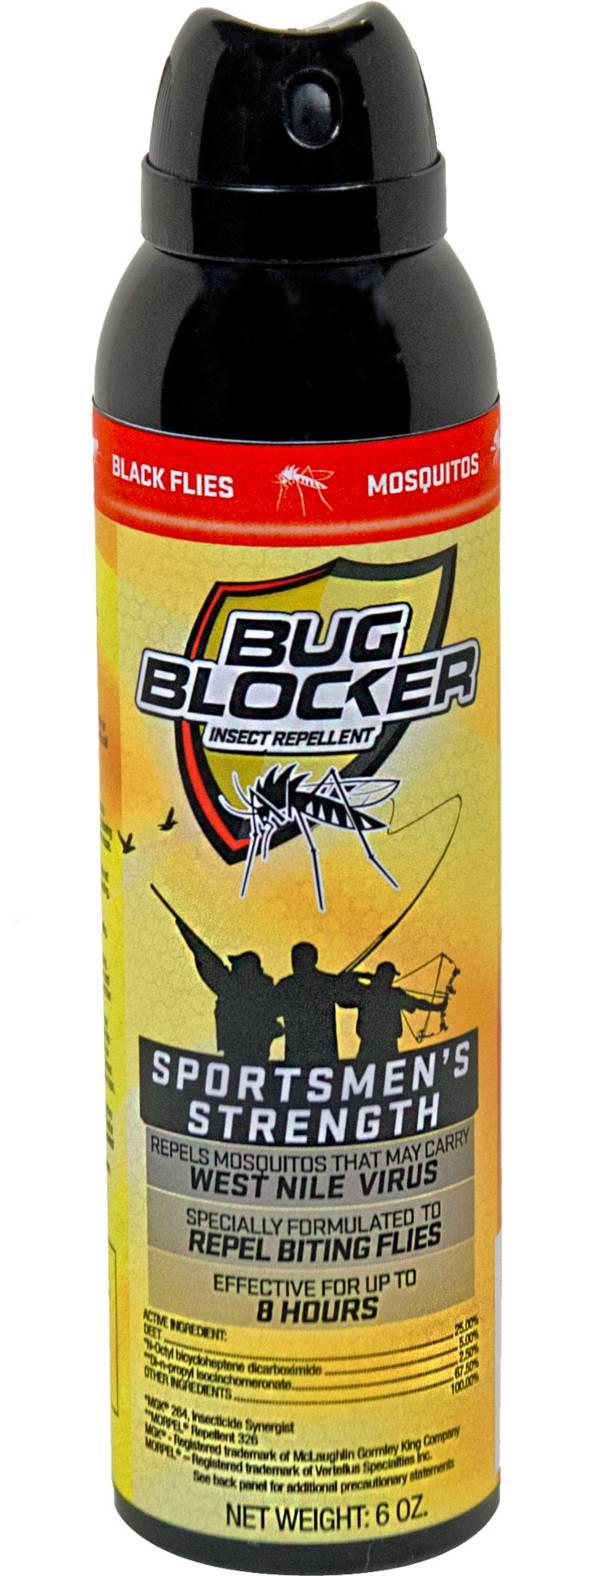 ScentBlocker Bug Blocker Mosquito Repellent product image